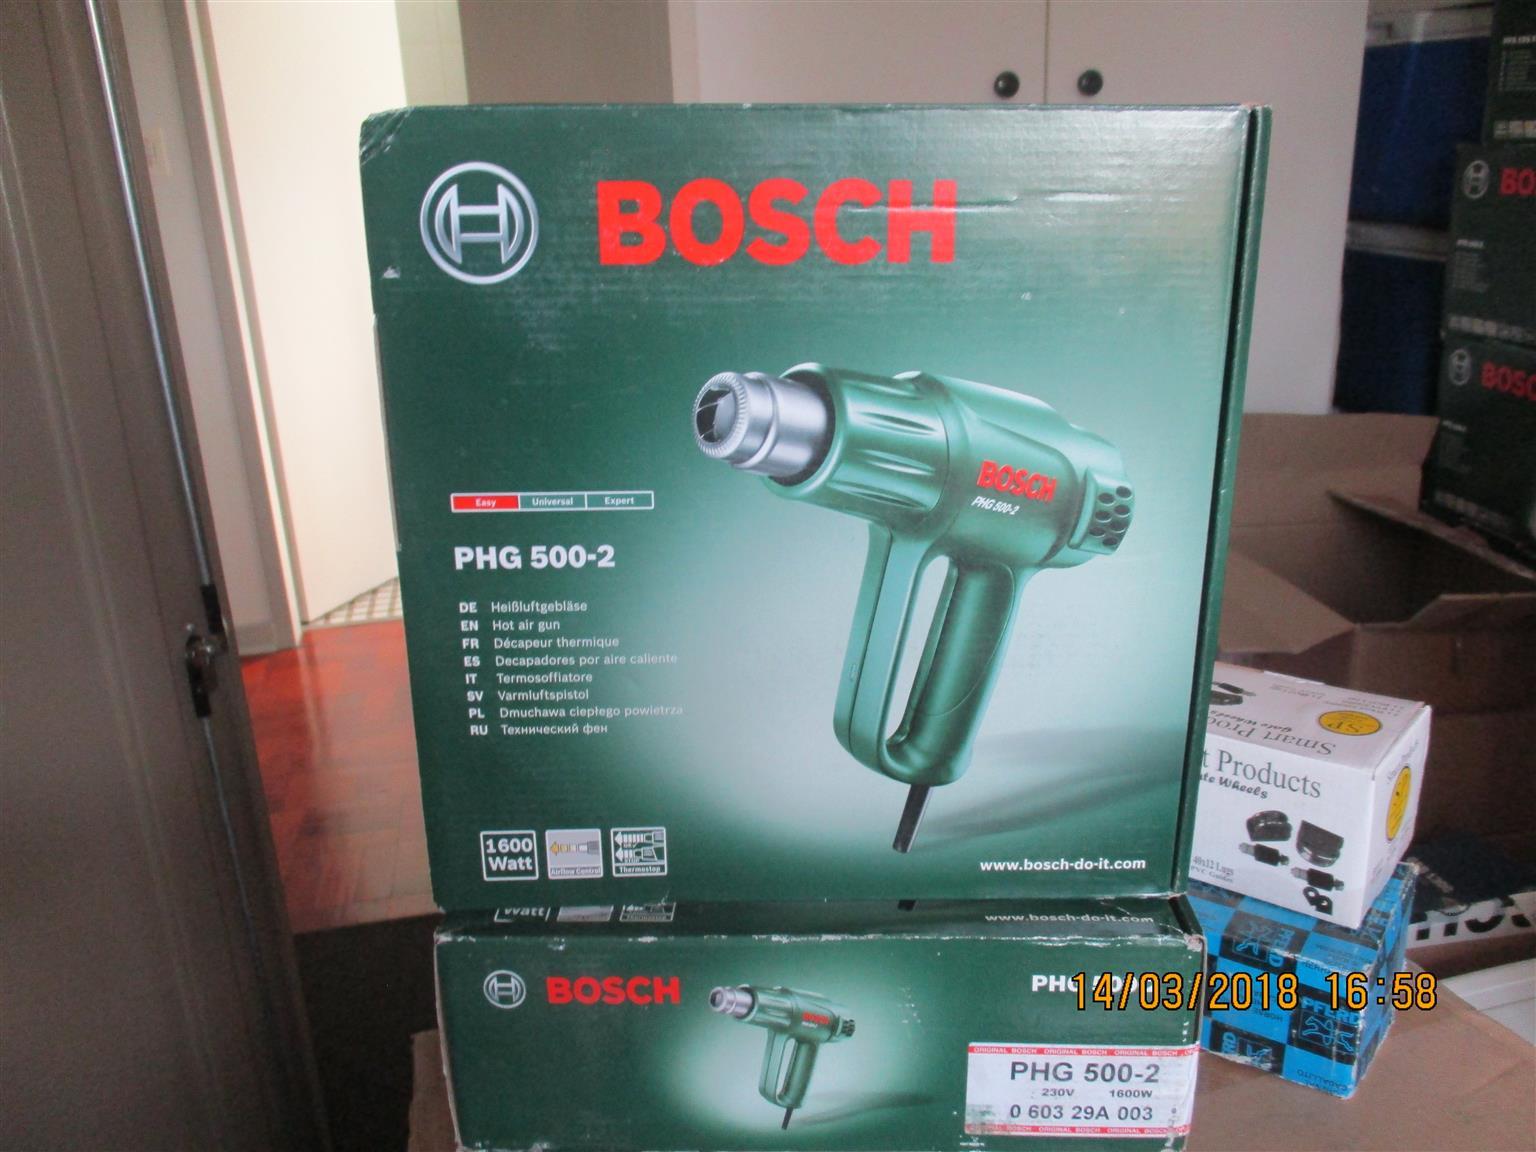 Bosch Phg 500 2 Heat Gun Junk Mail Hot Air